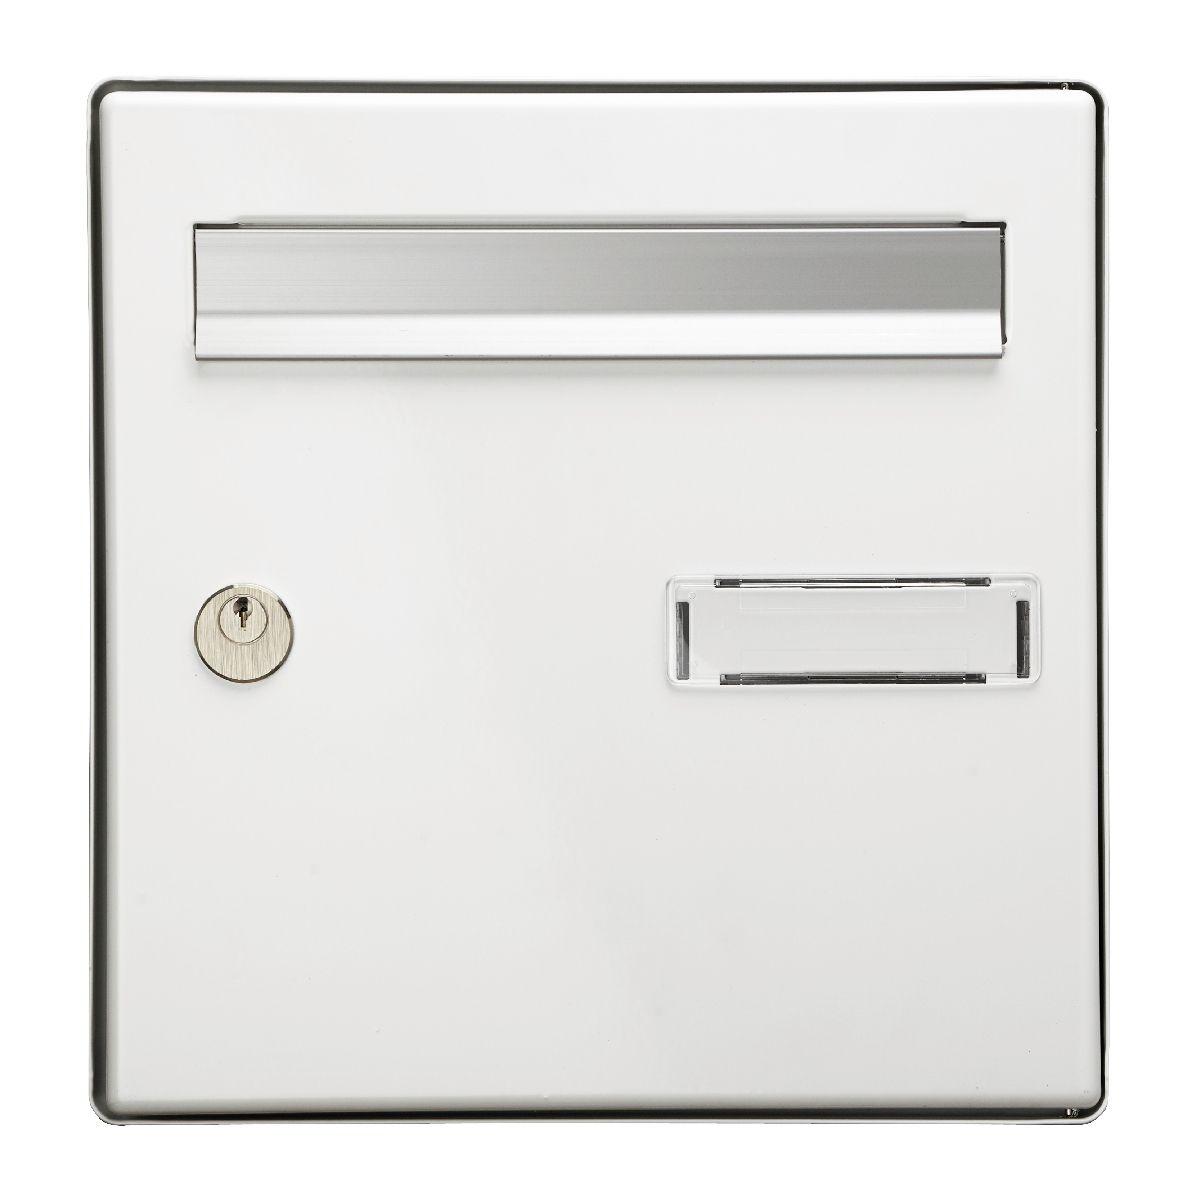 Plaque boîte aux lettres : ne vous contentez pas d'une plaque standard !